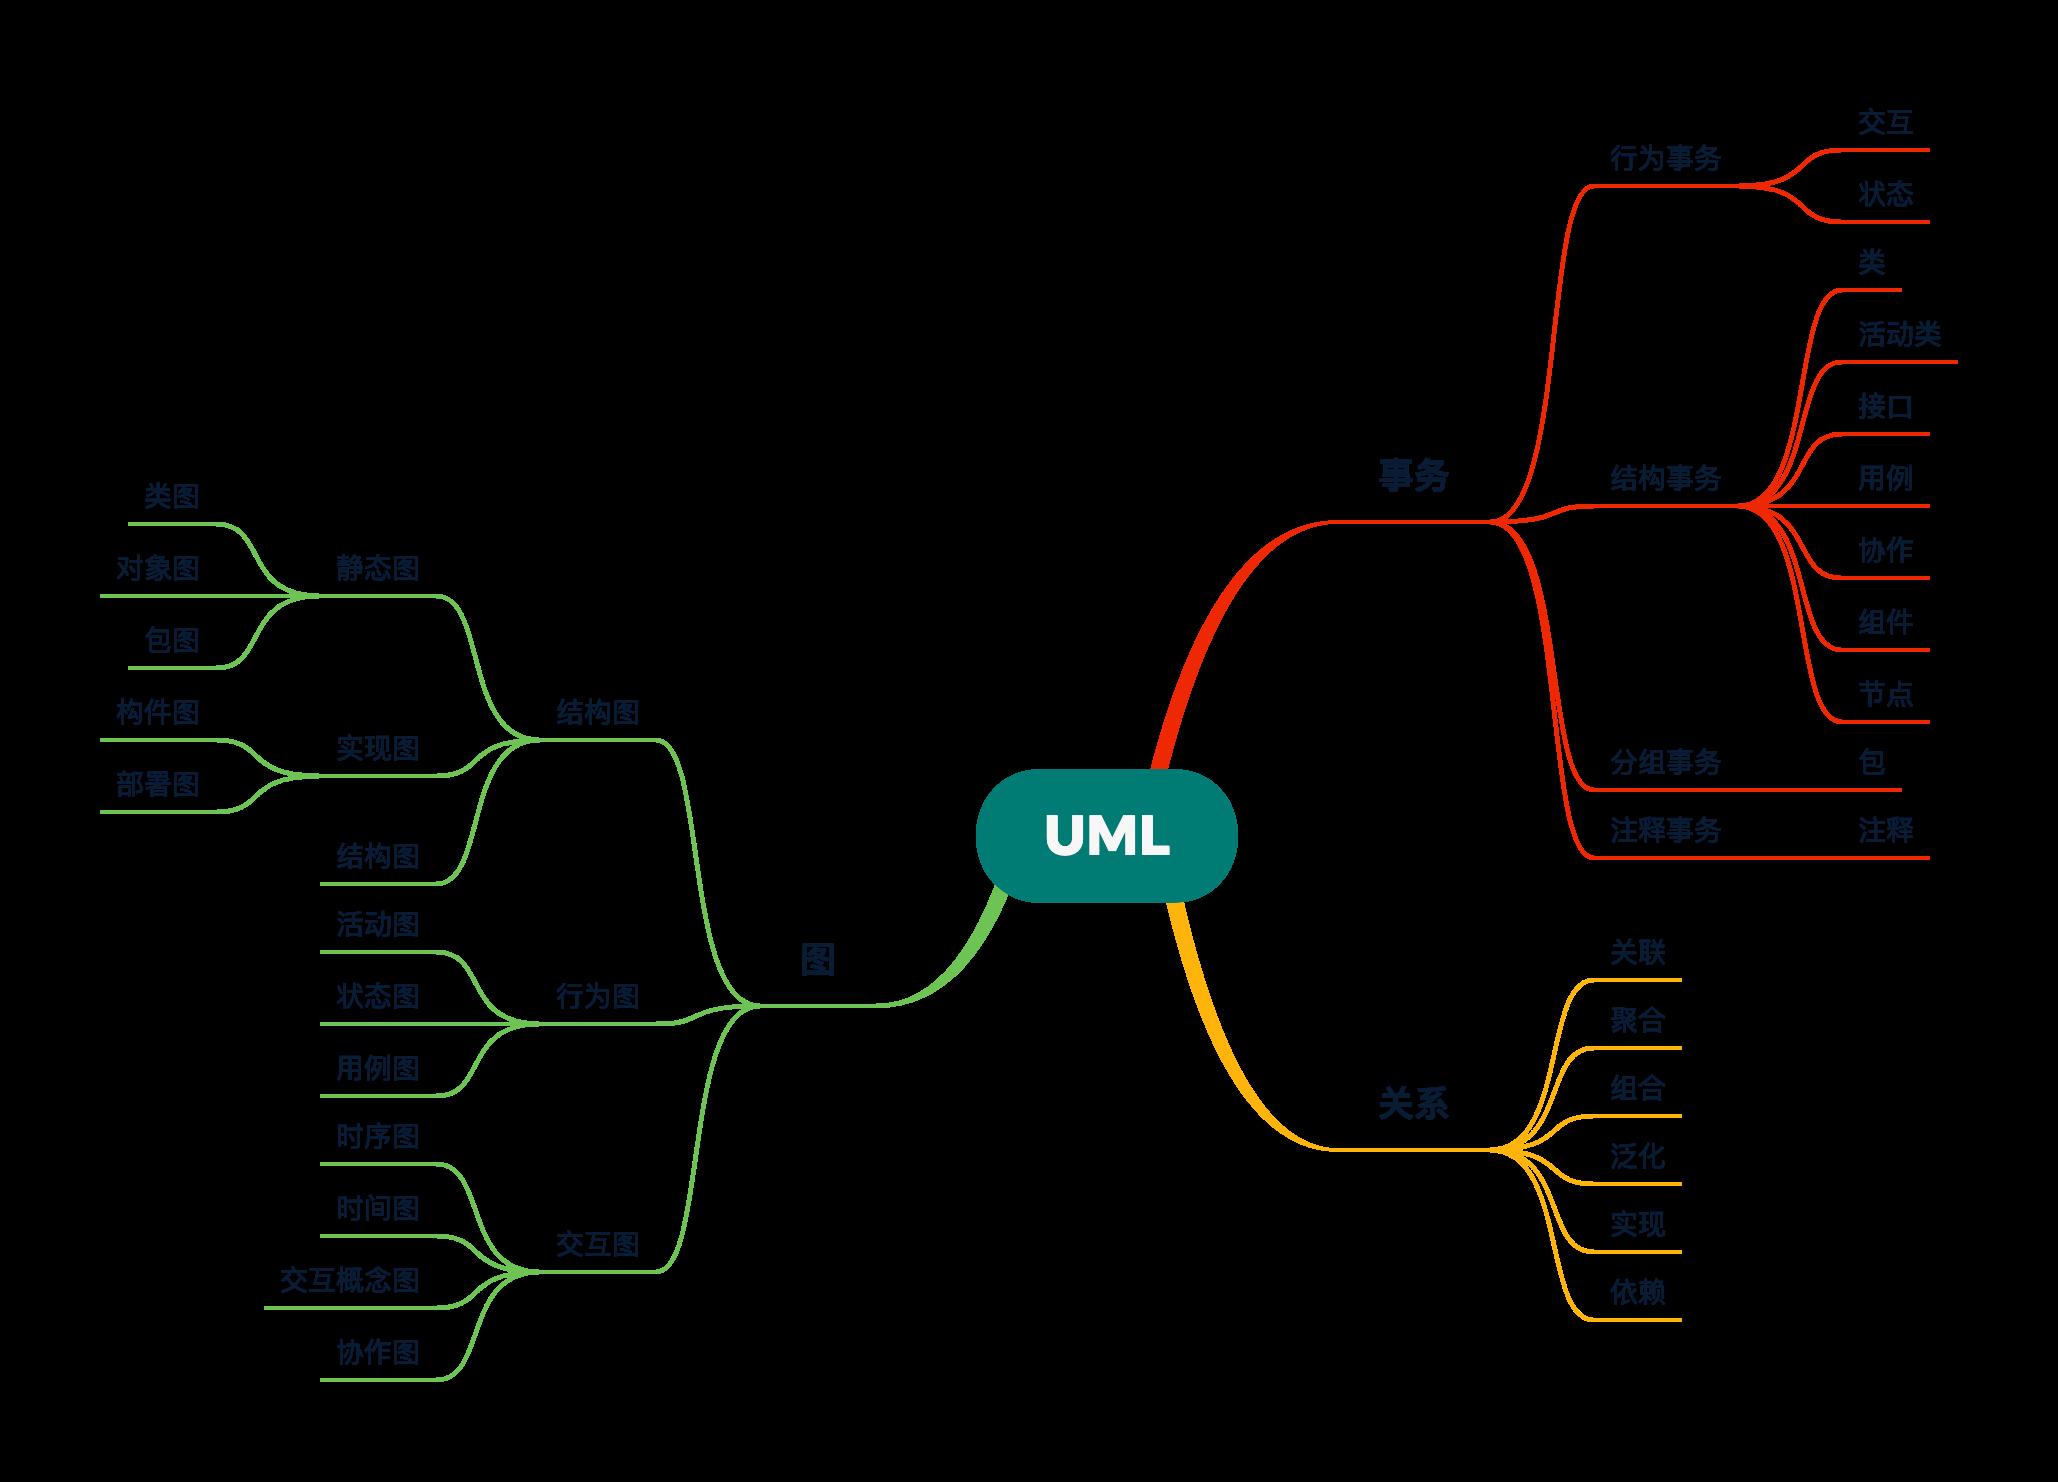 UML 构件关系图,来自设计模式